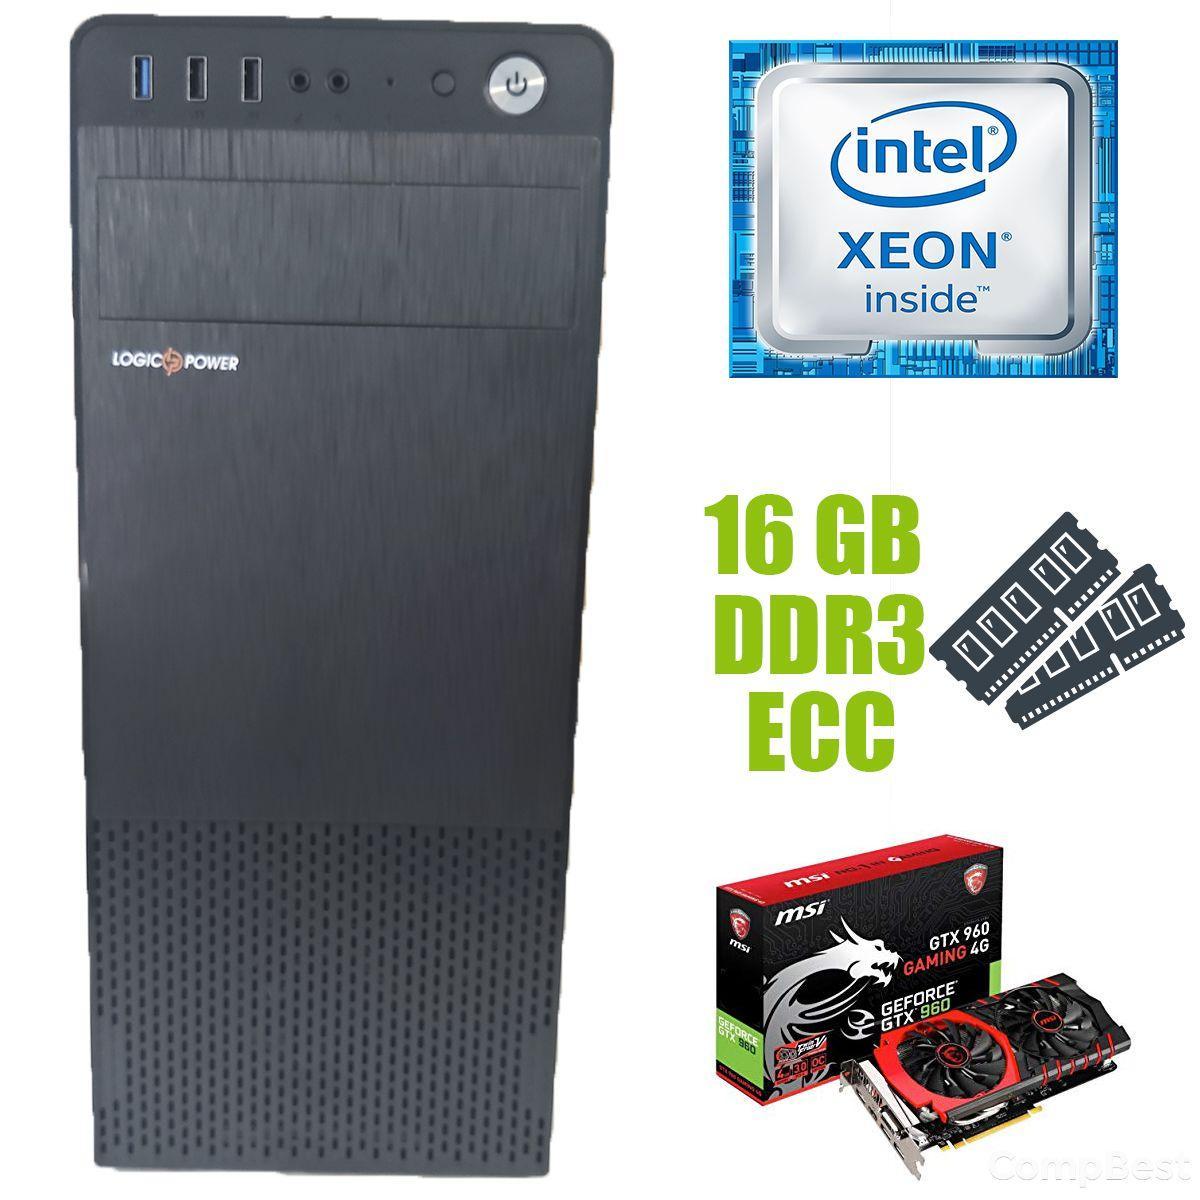 Logic Power LP2008 ATX / Intel Xeon E5-2650 (8 (16) ядер по 2.0-2.8 GHz) / 16 GB DDR3 ECC / new 240 GB SSD+500 GB HDD / nVidia GeForce GTX 960 4GB